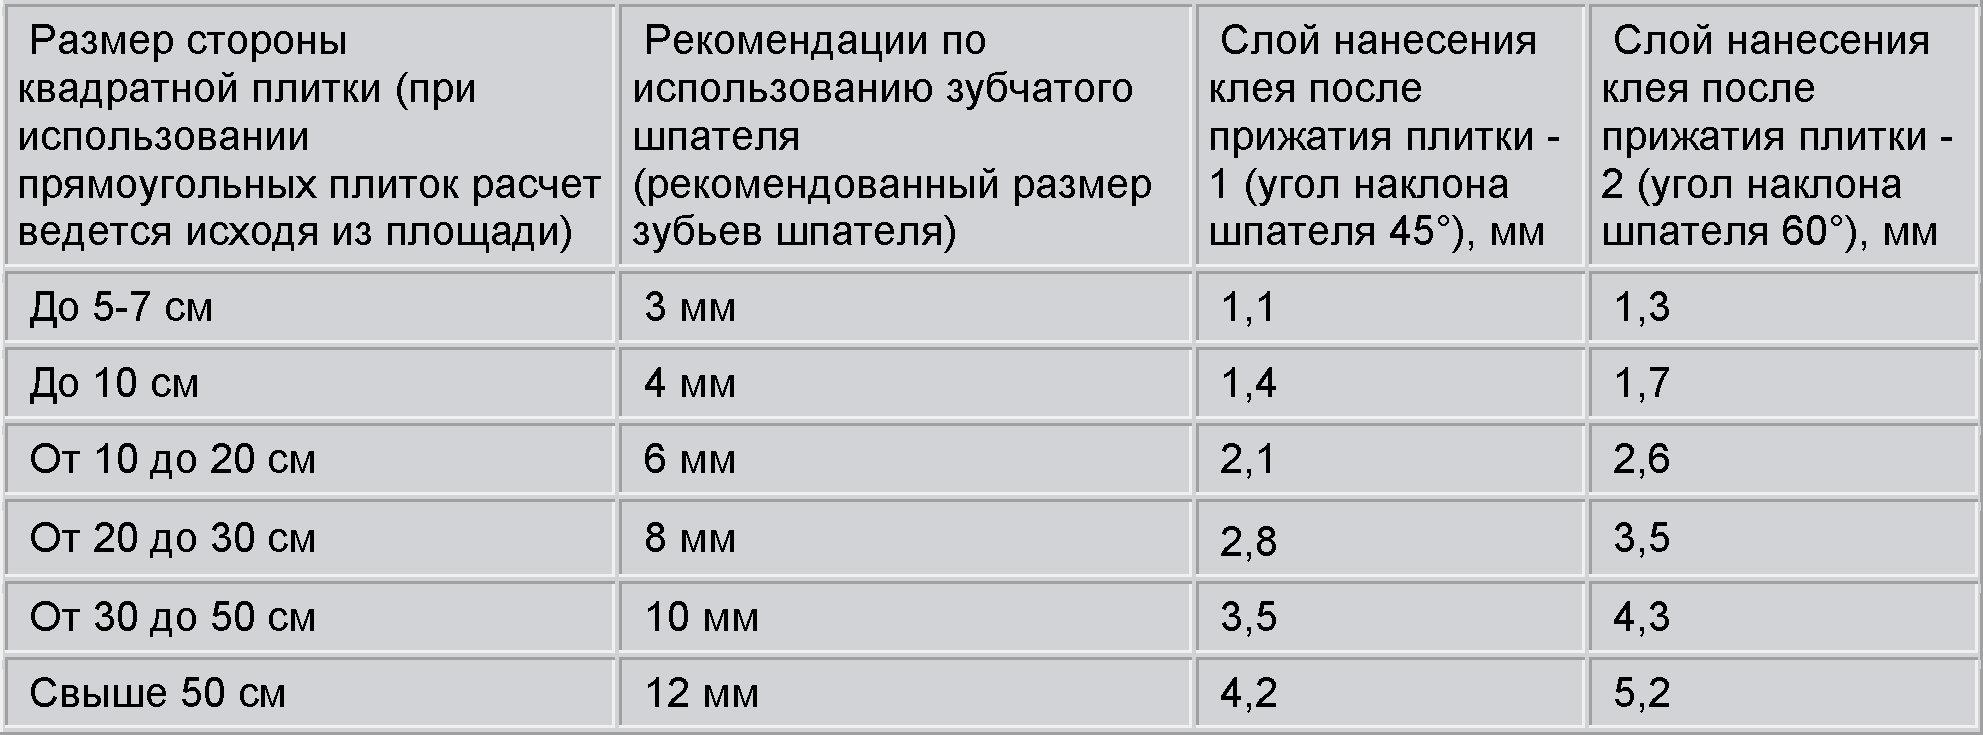 rashod_plitochnogo_kleya